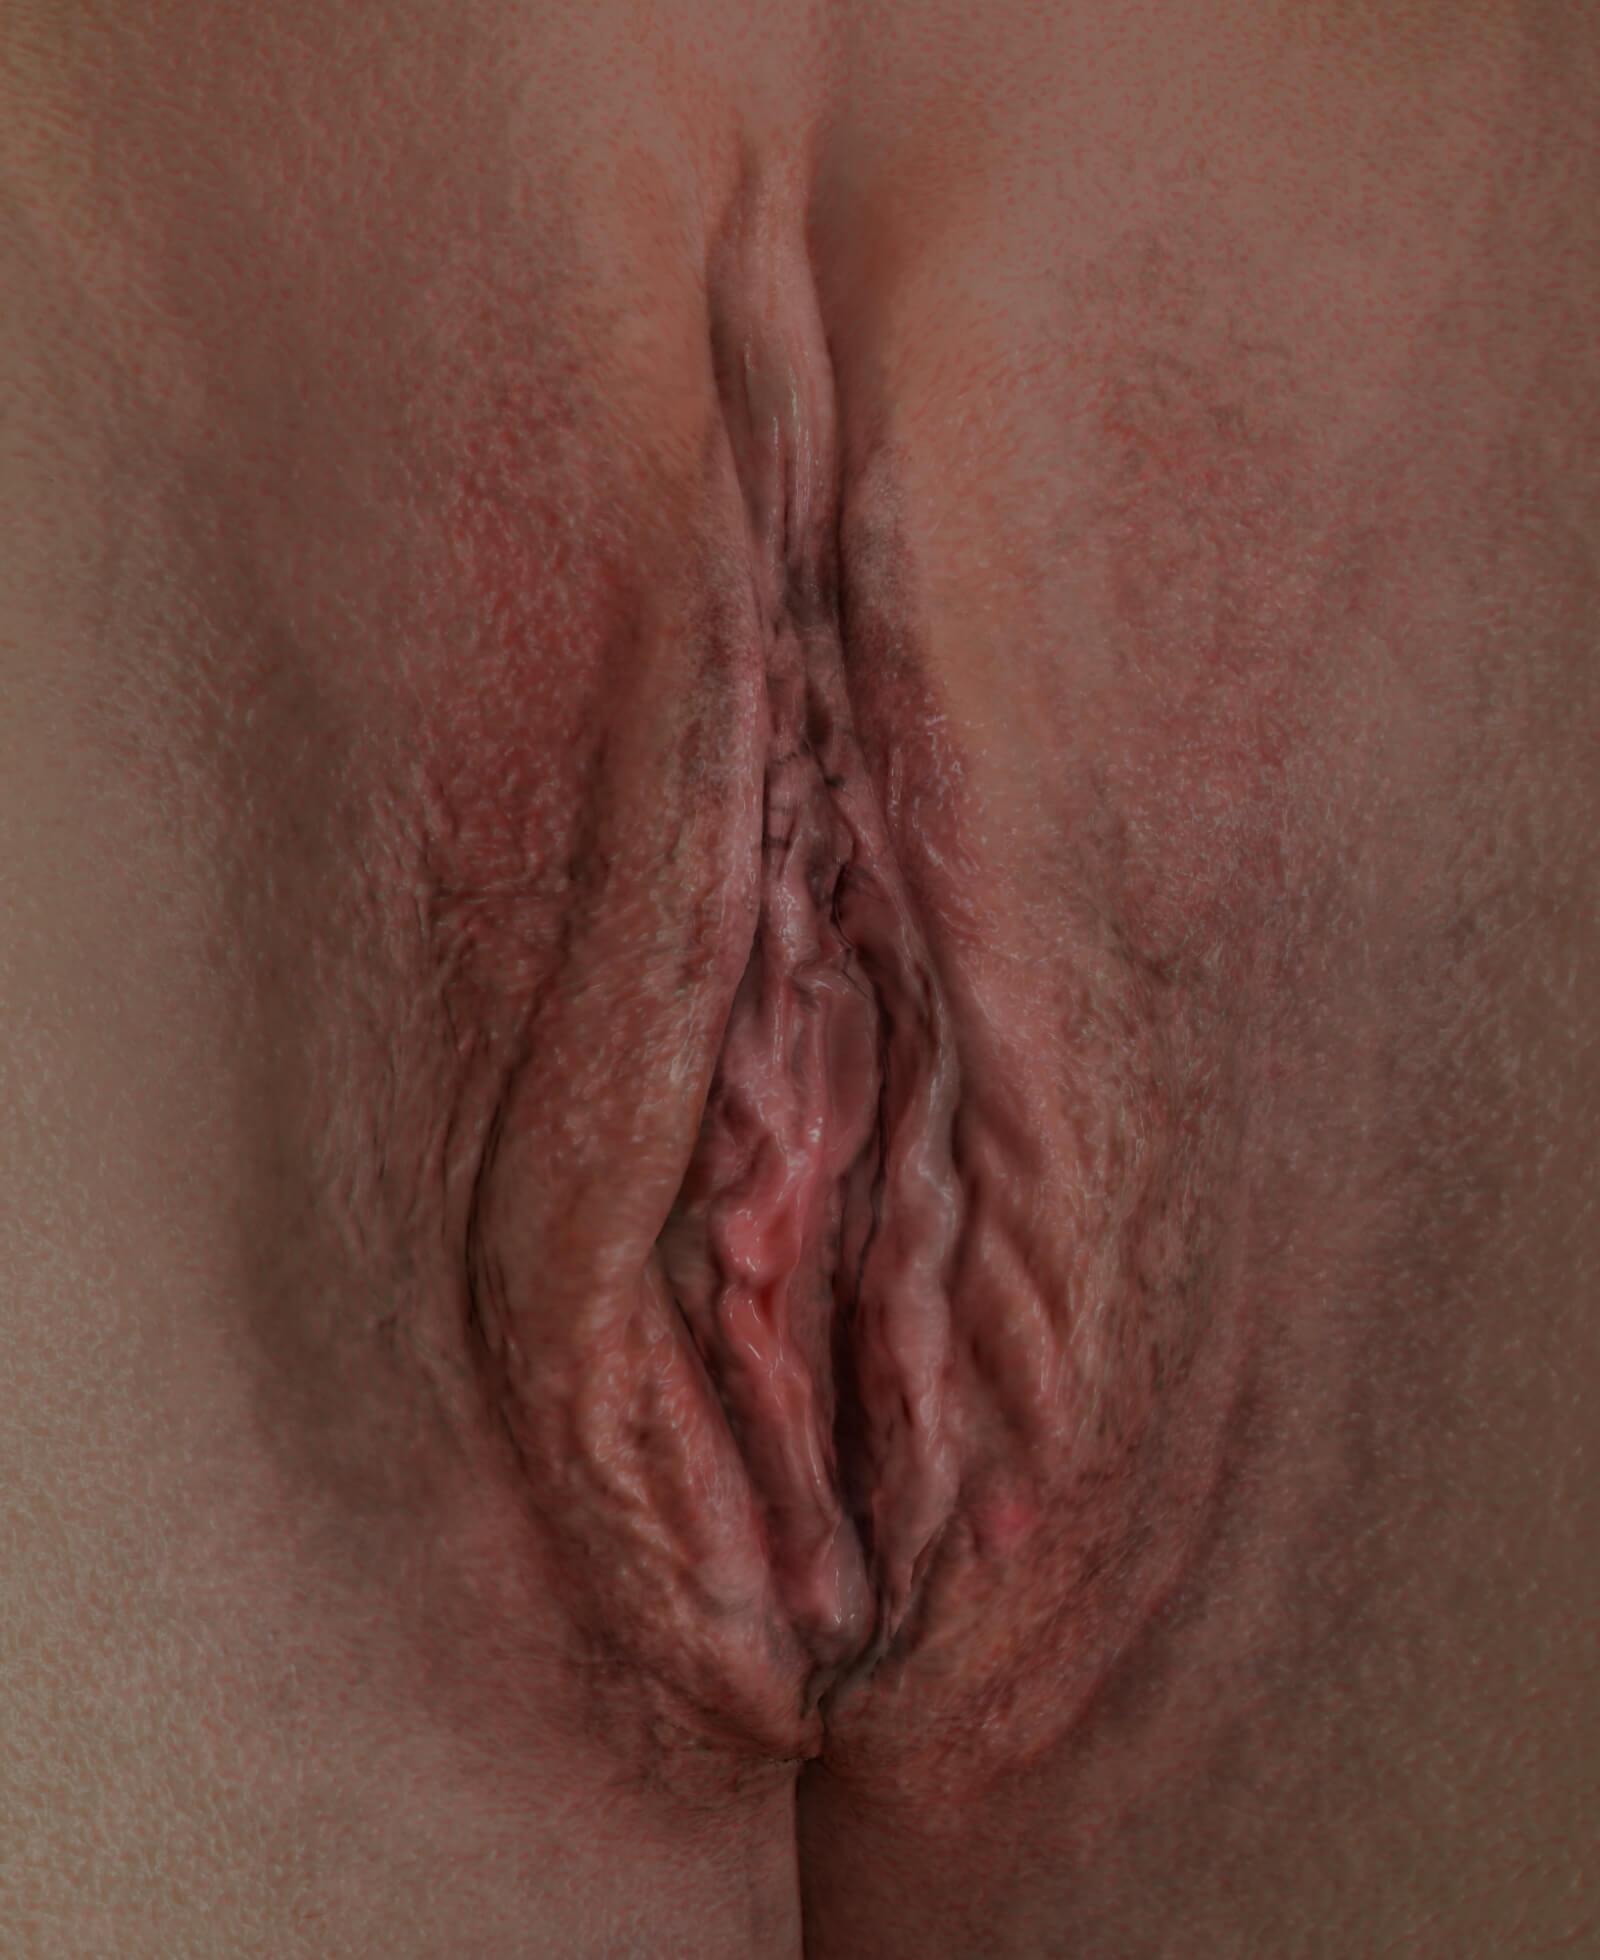 Vulve d'une patiente de la Clinique Chloé montrant un relâchement vaginal